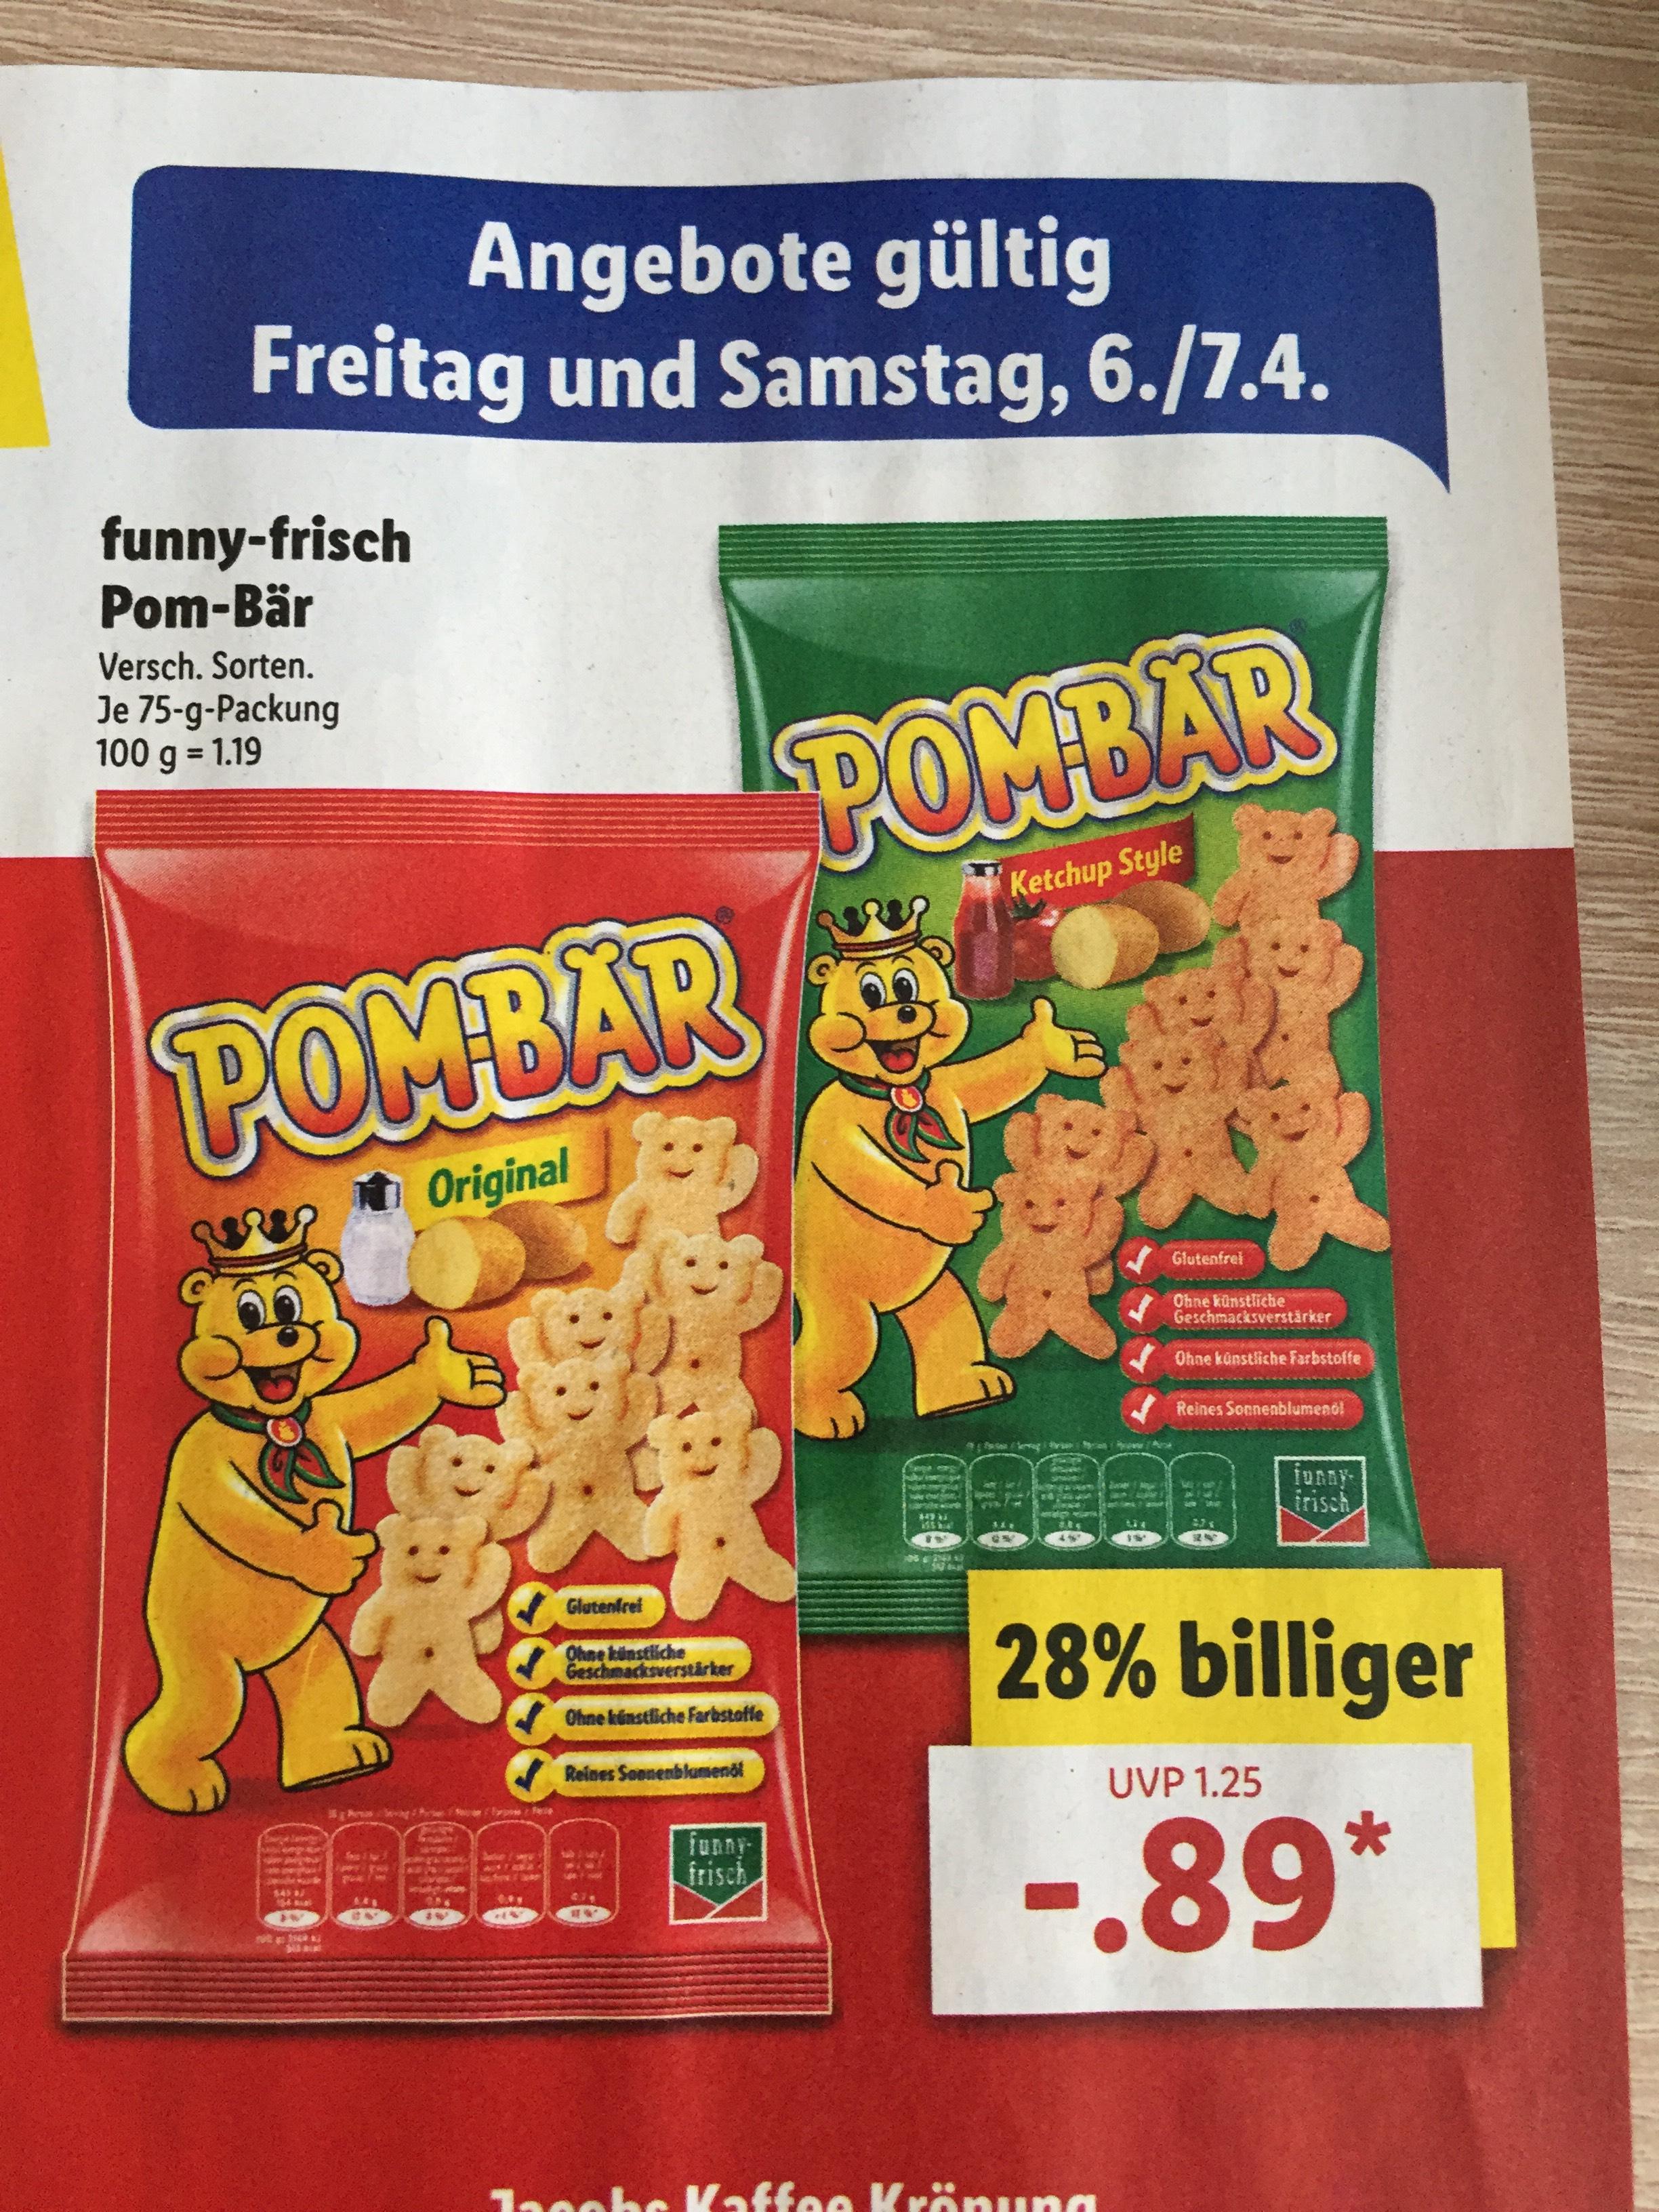 Funny Frisch Pom-Bär 75g 0,89€ bei Lidl ab 06.04.18